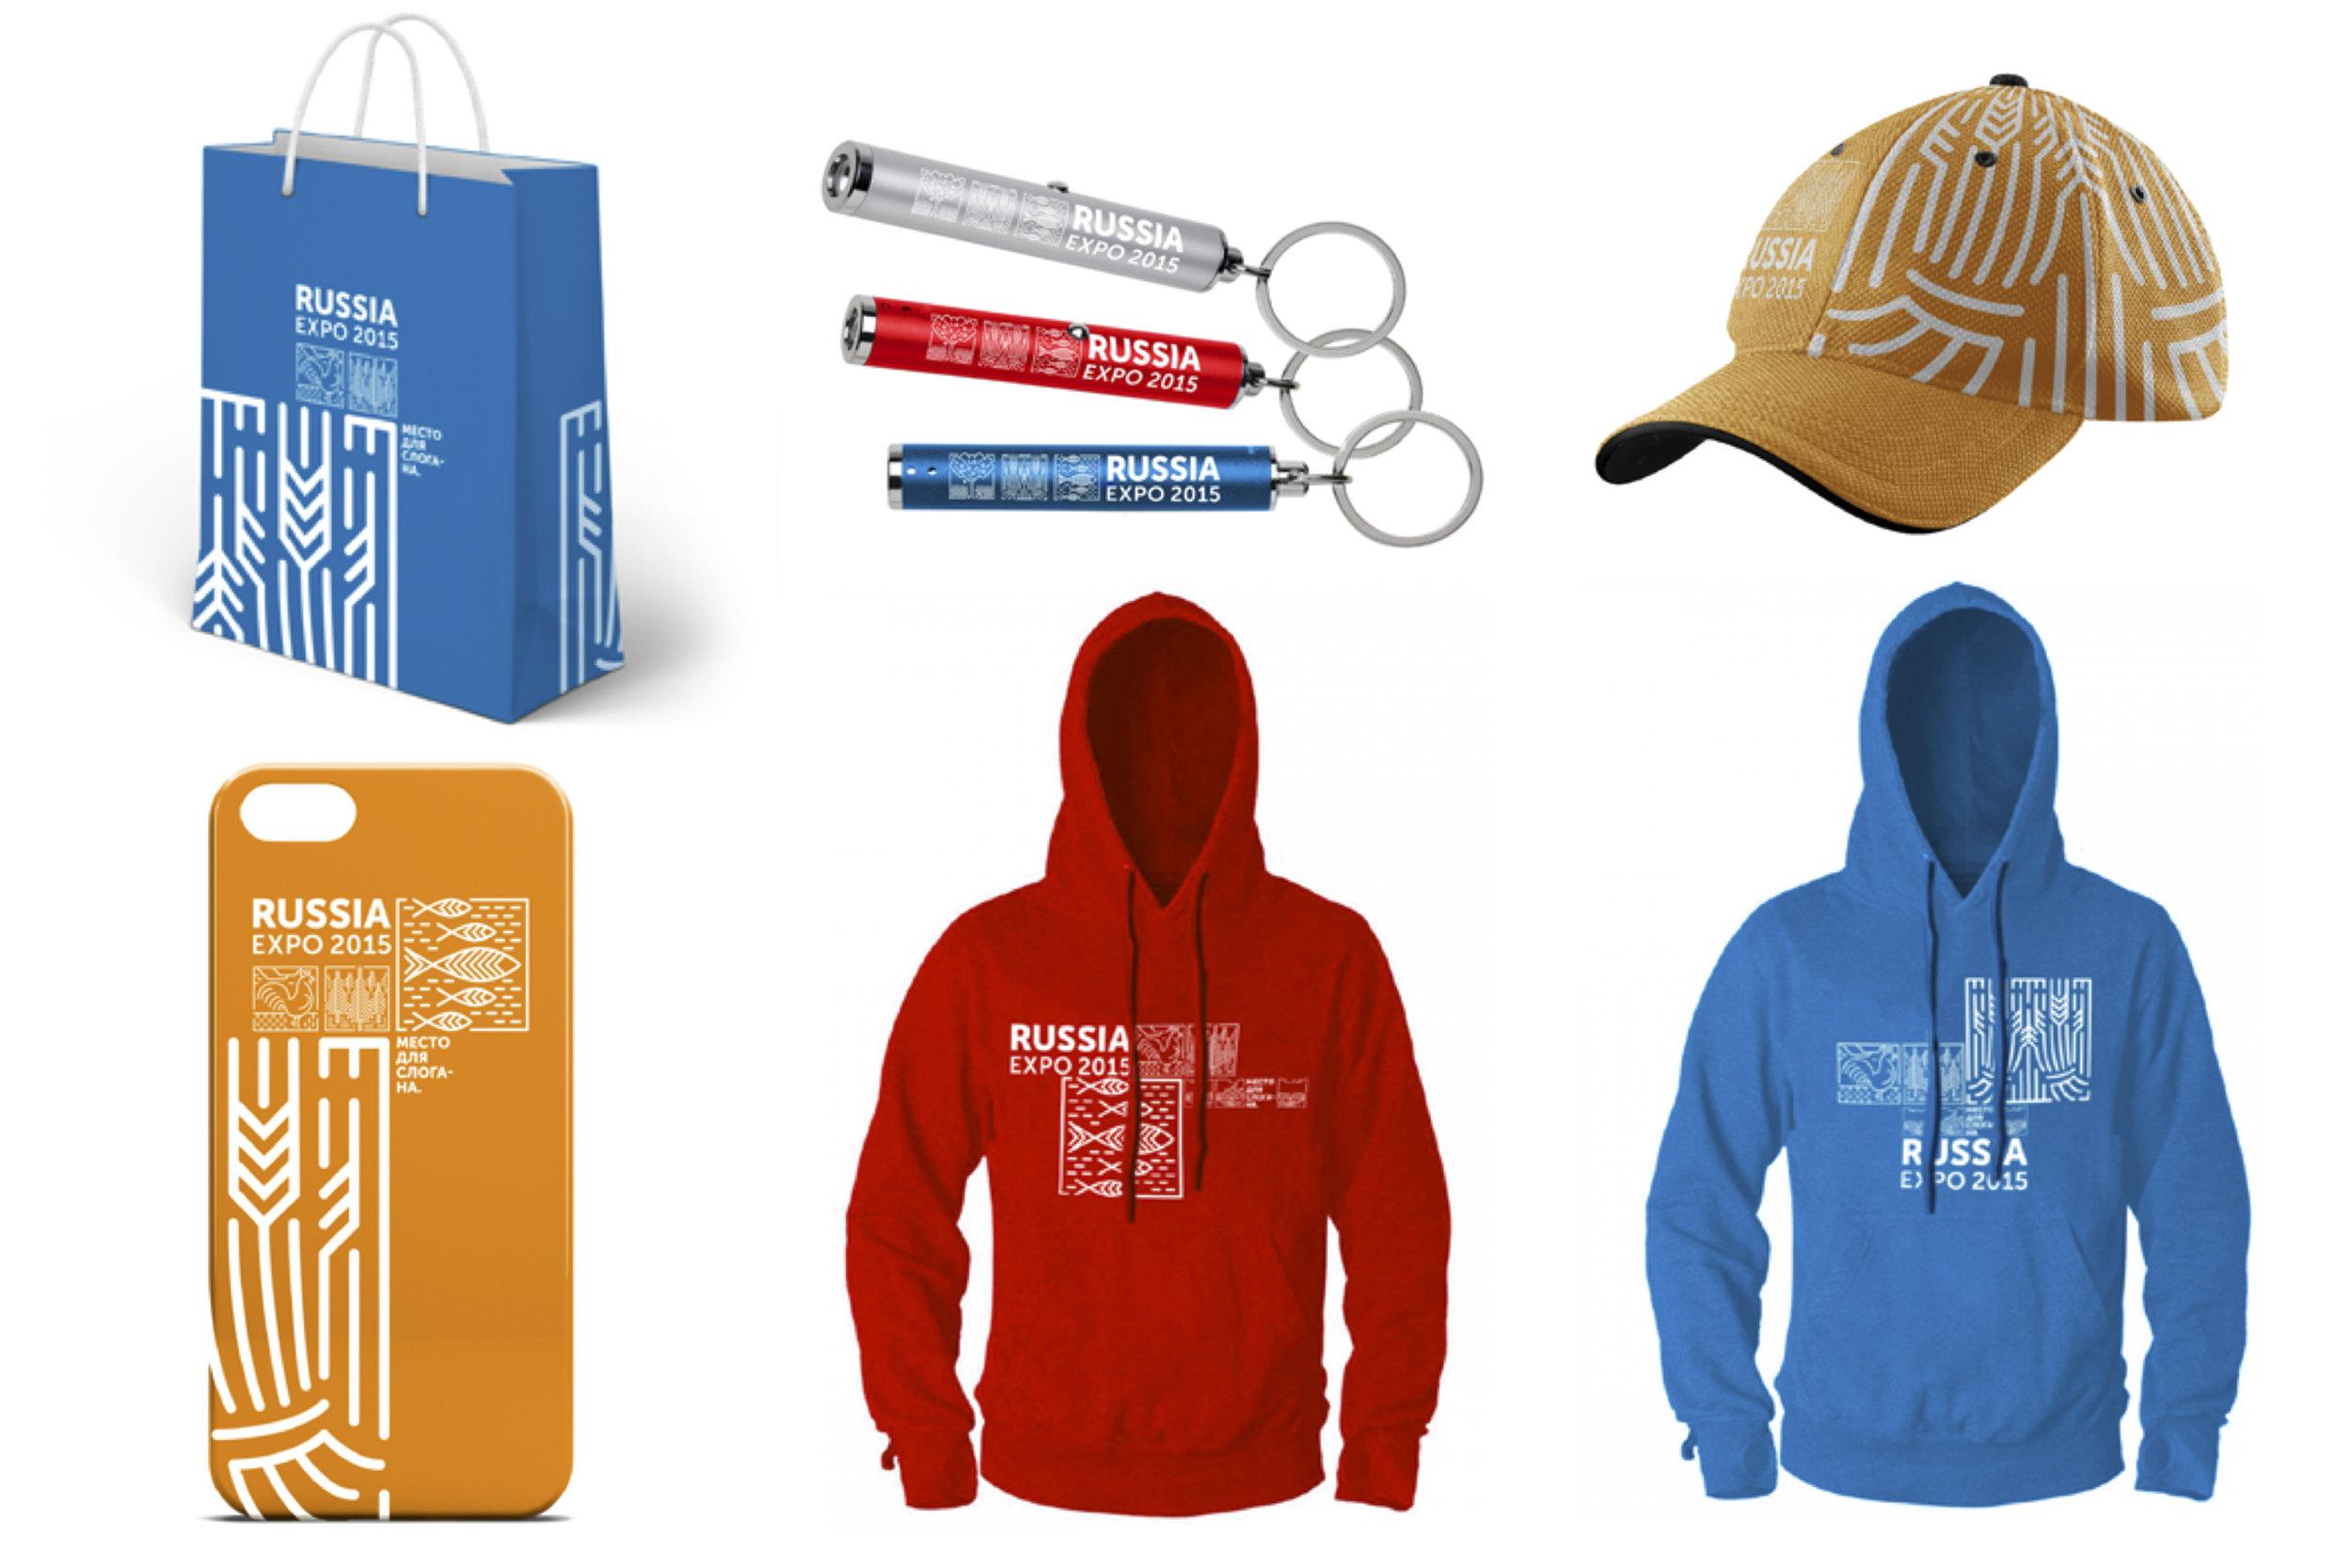 Russia_expo_branding1.jpg